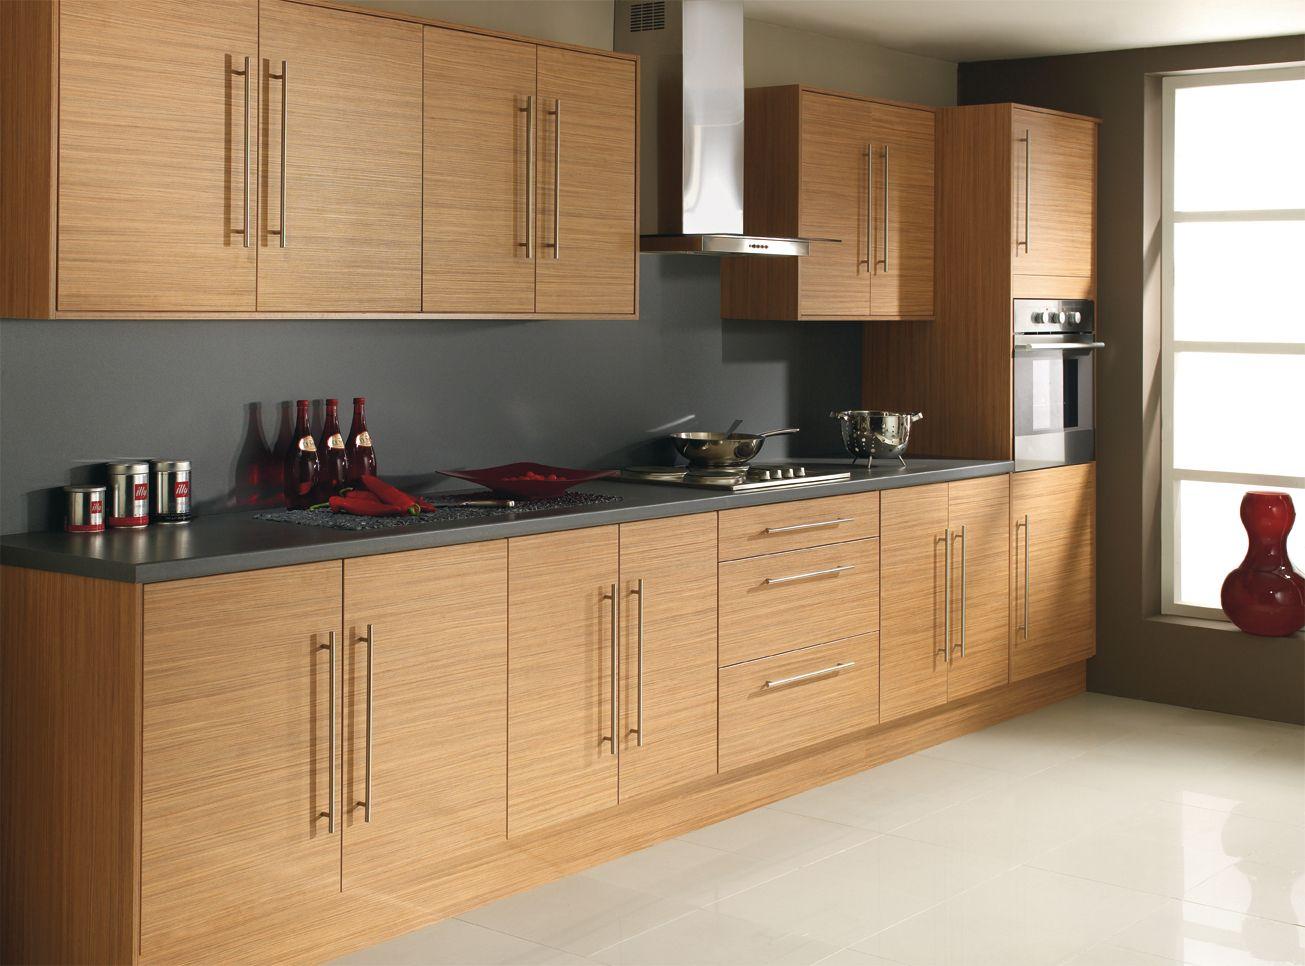 Trieste Elements Rixonway Kitchens Kitchen decor modern